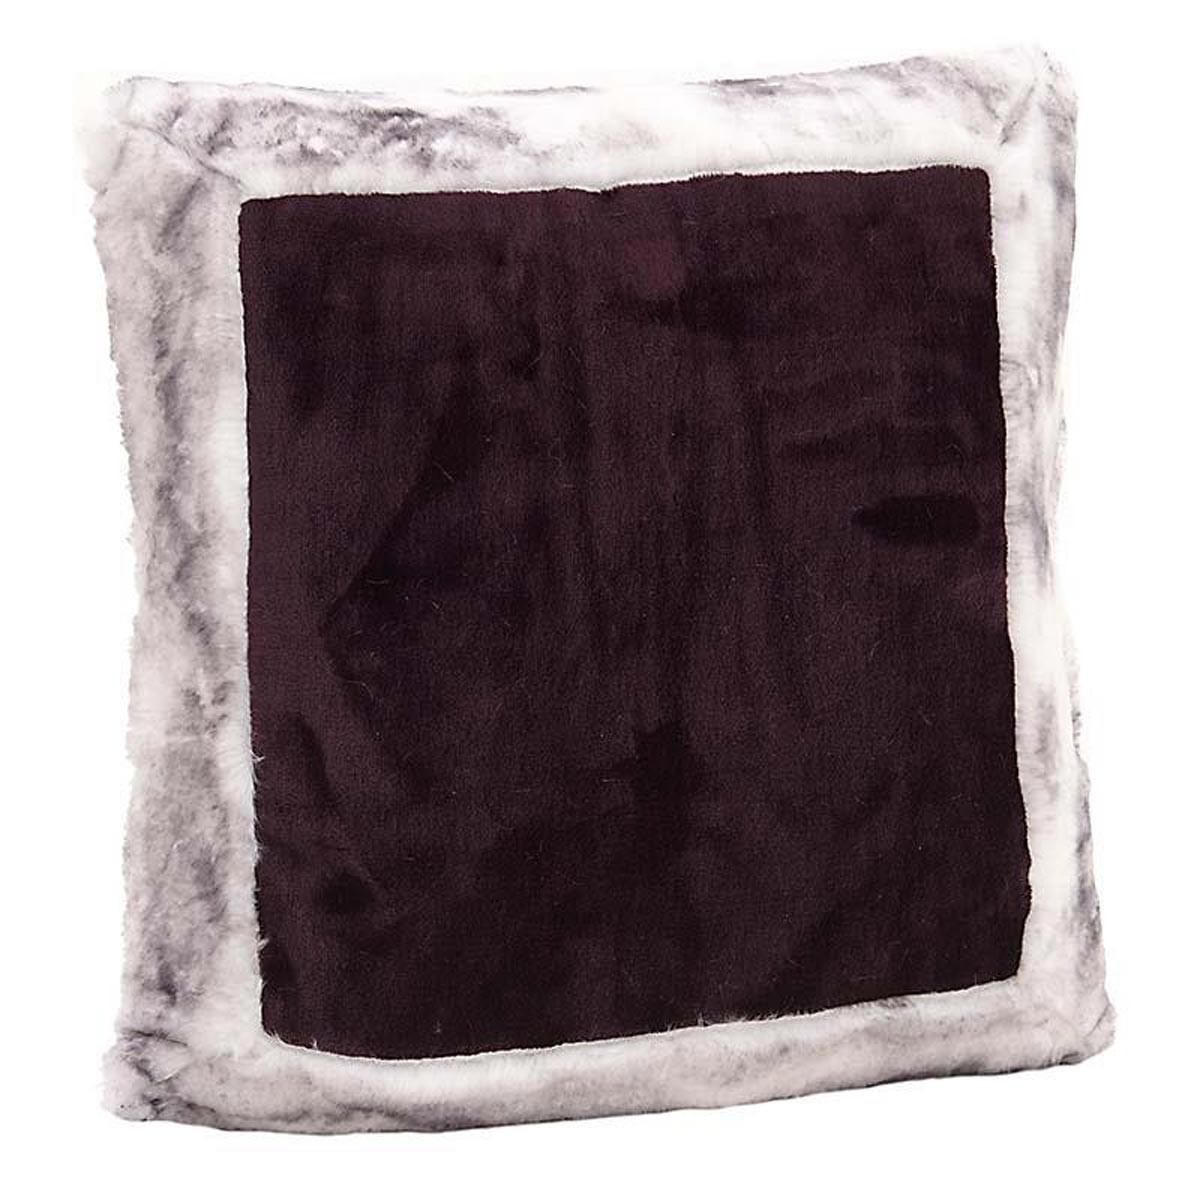 Διακοσμητικό Μαξιλάρι InArt 3-40-575-0381